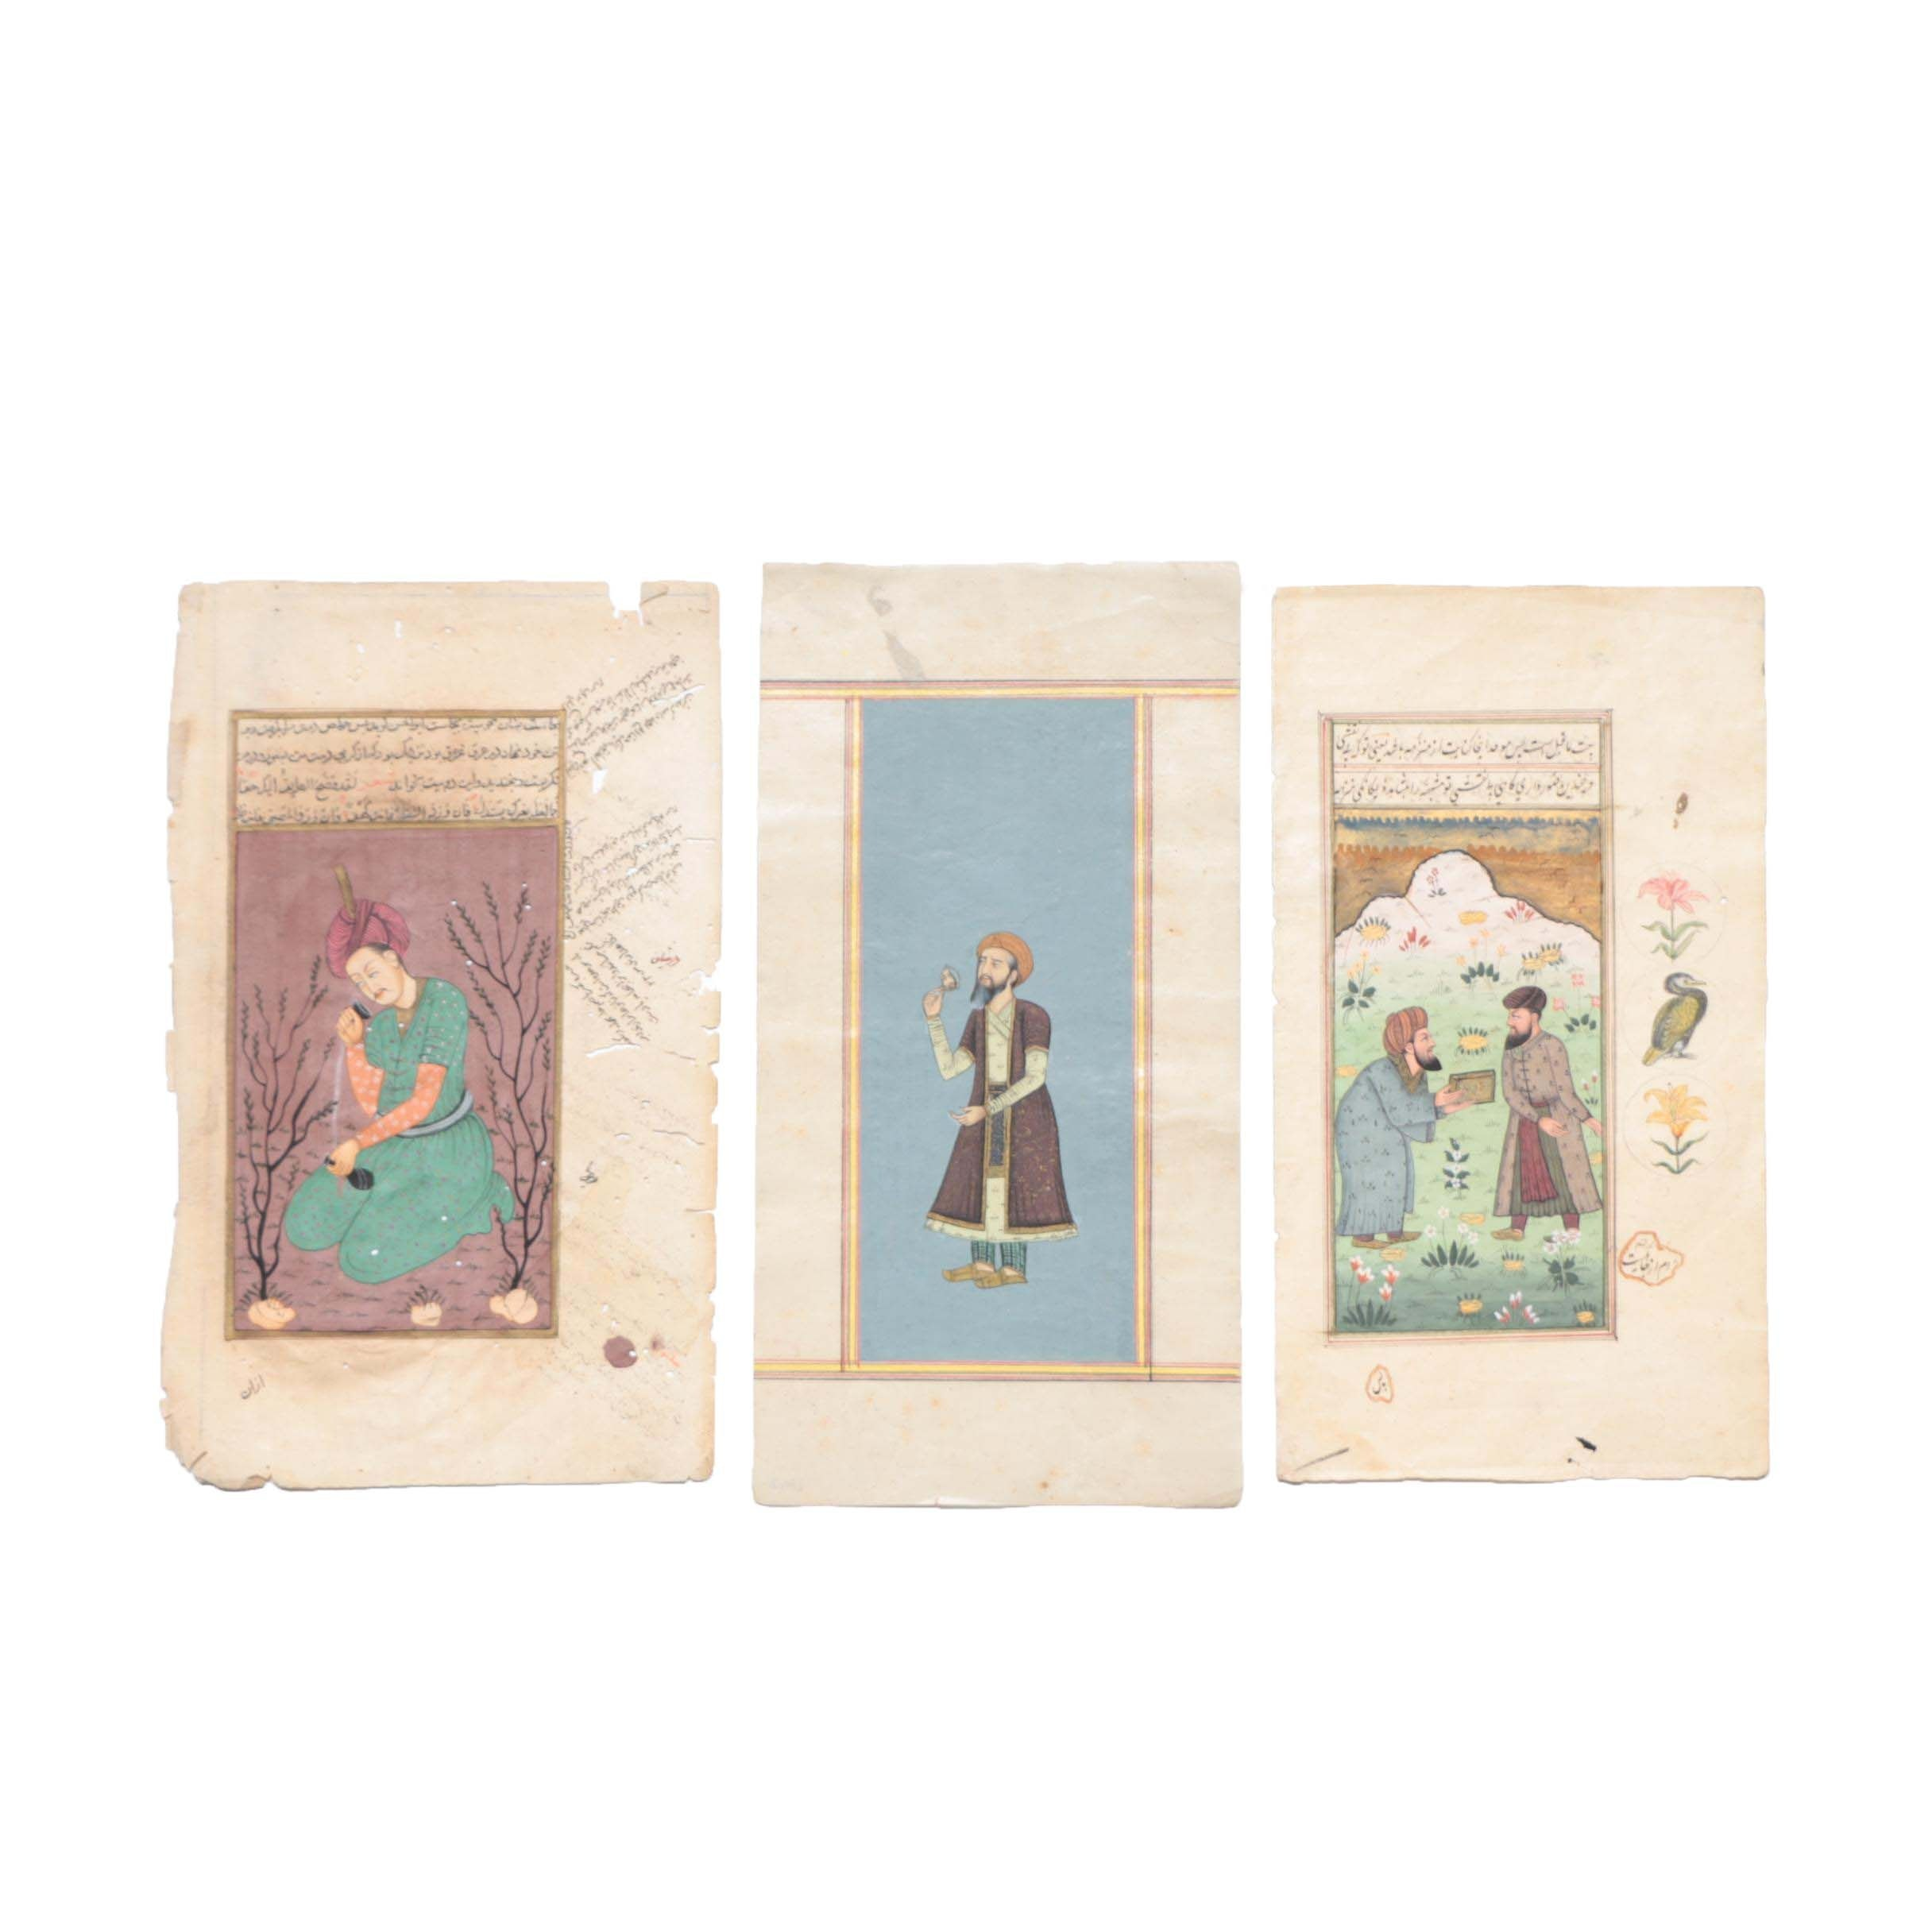 19th Century Mughal Miniature Manuscript Paintings